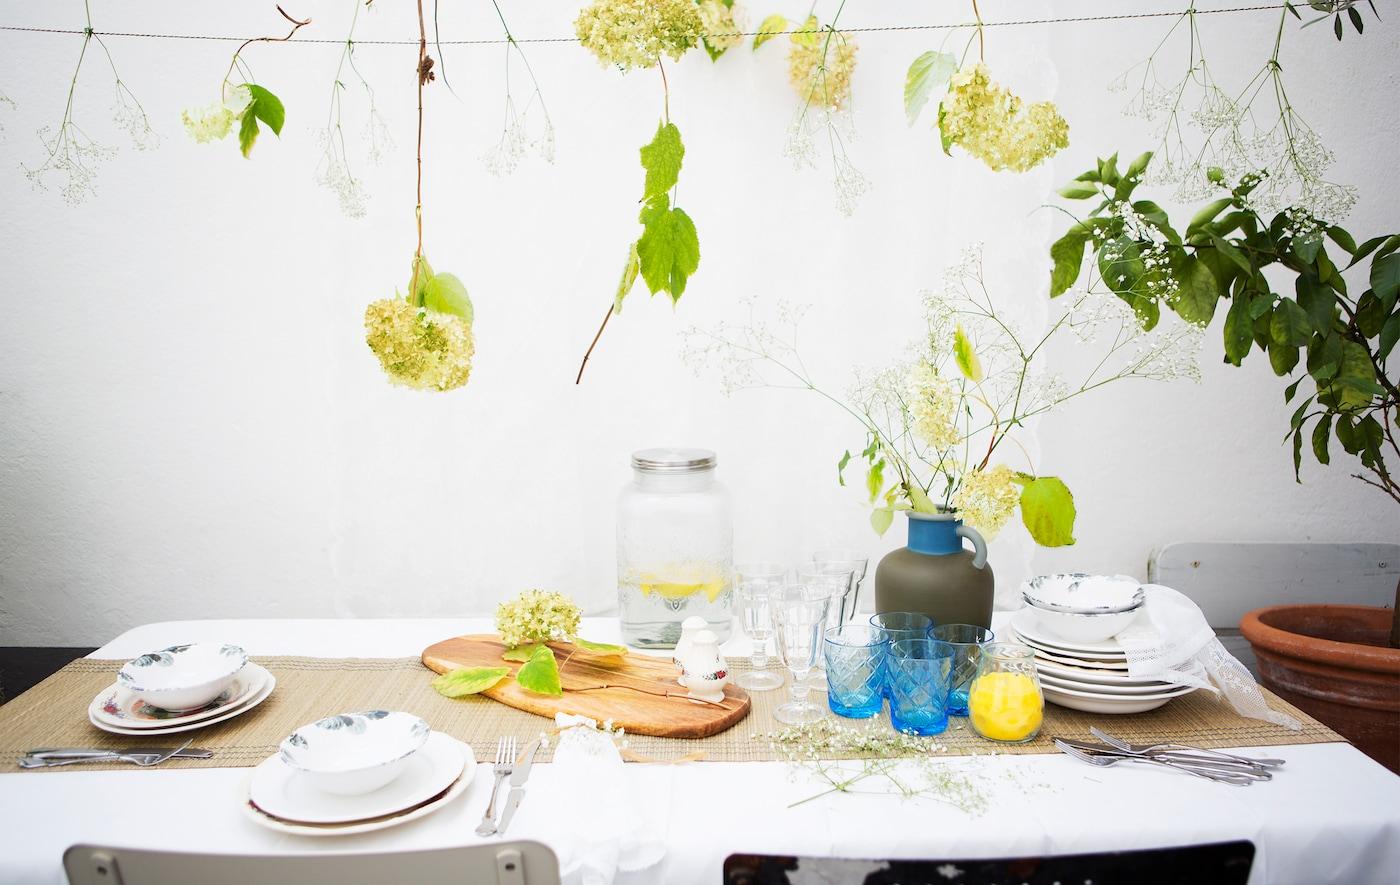 إعداد طاولة مع أواني فخارية مزركشة، وكؤوس ومزهرية زهور، مع زهور معلقة من أعلى.